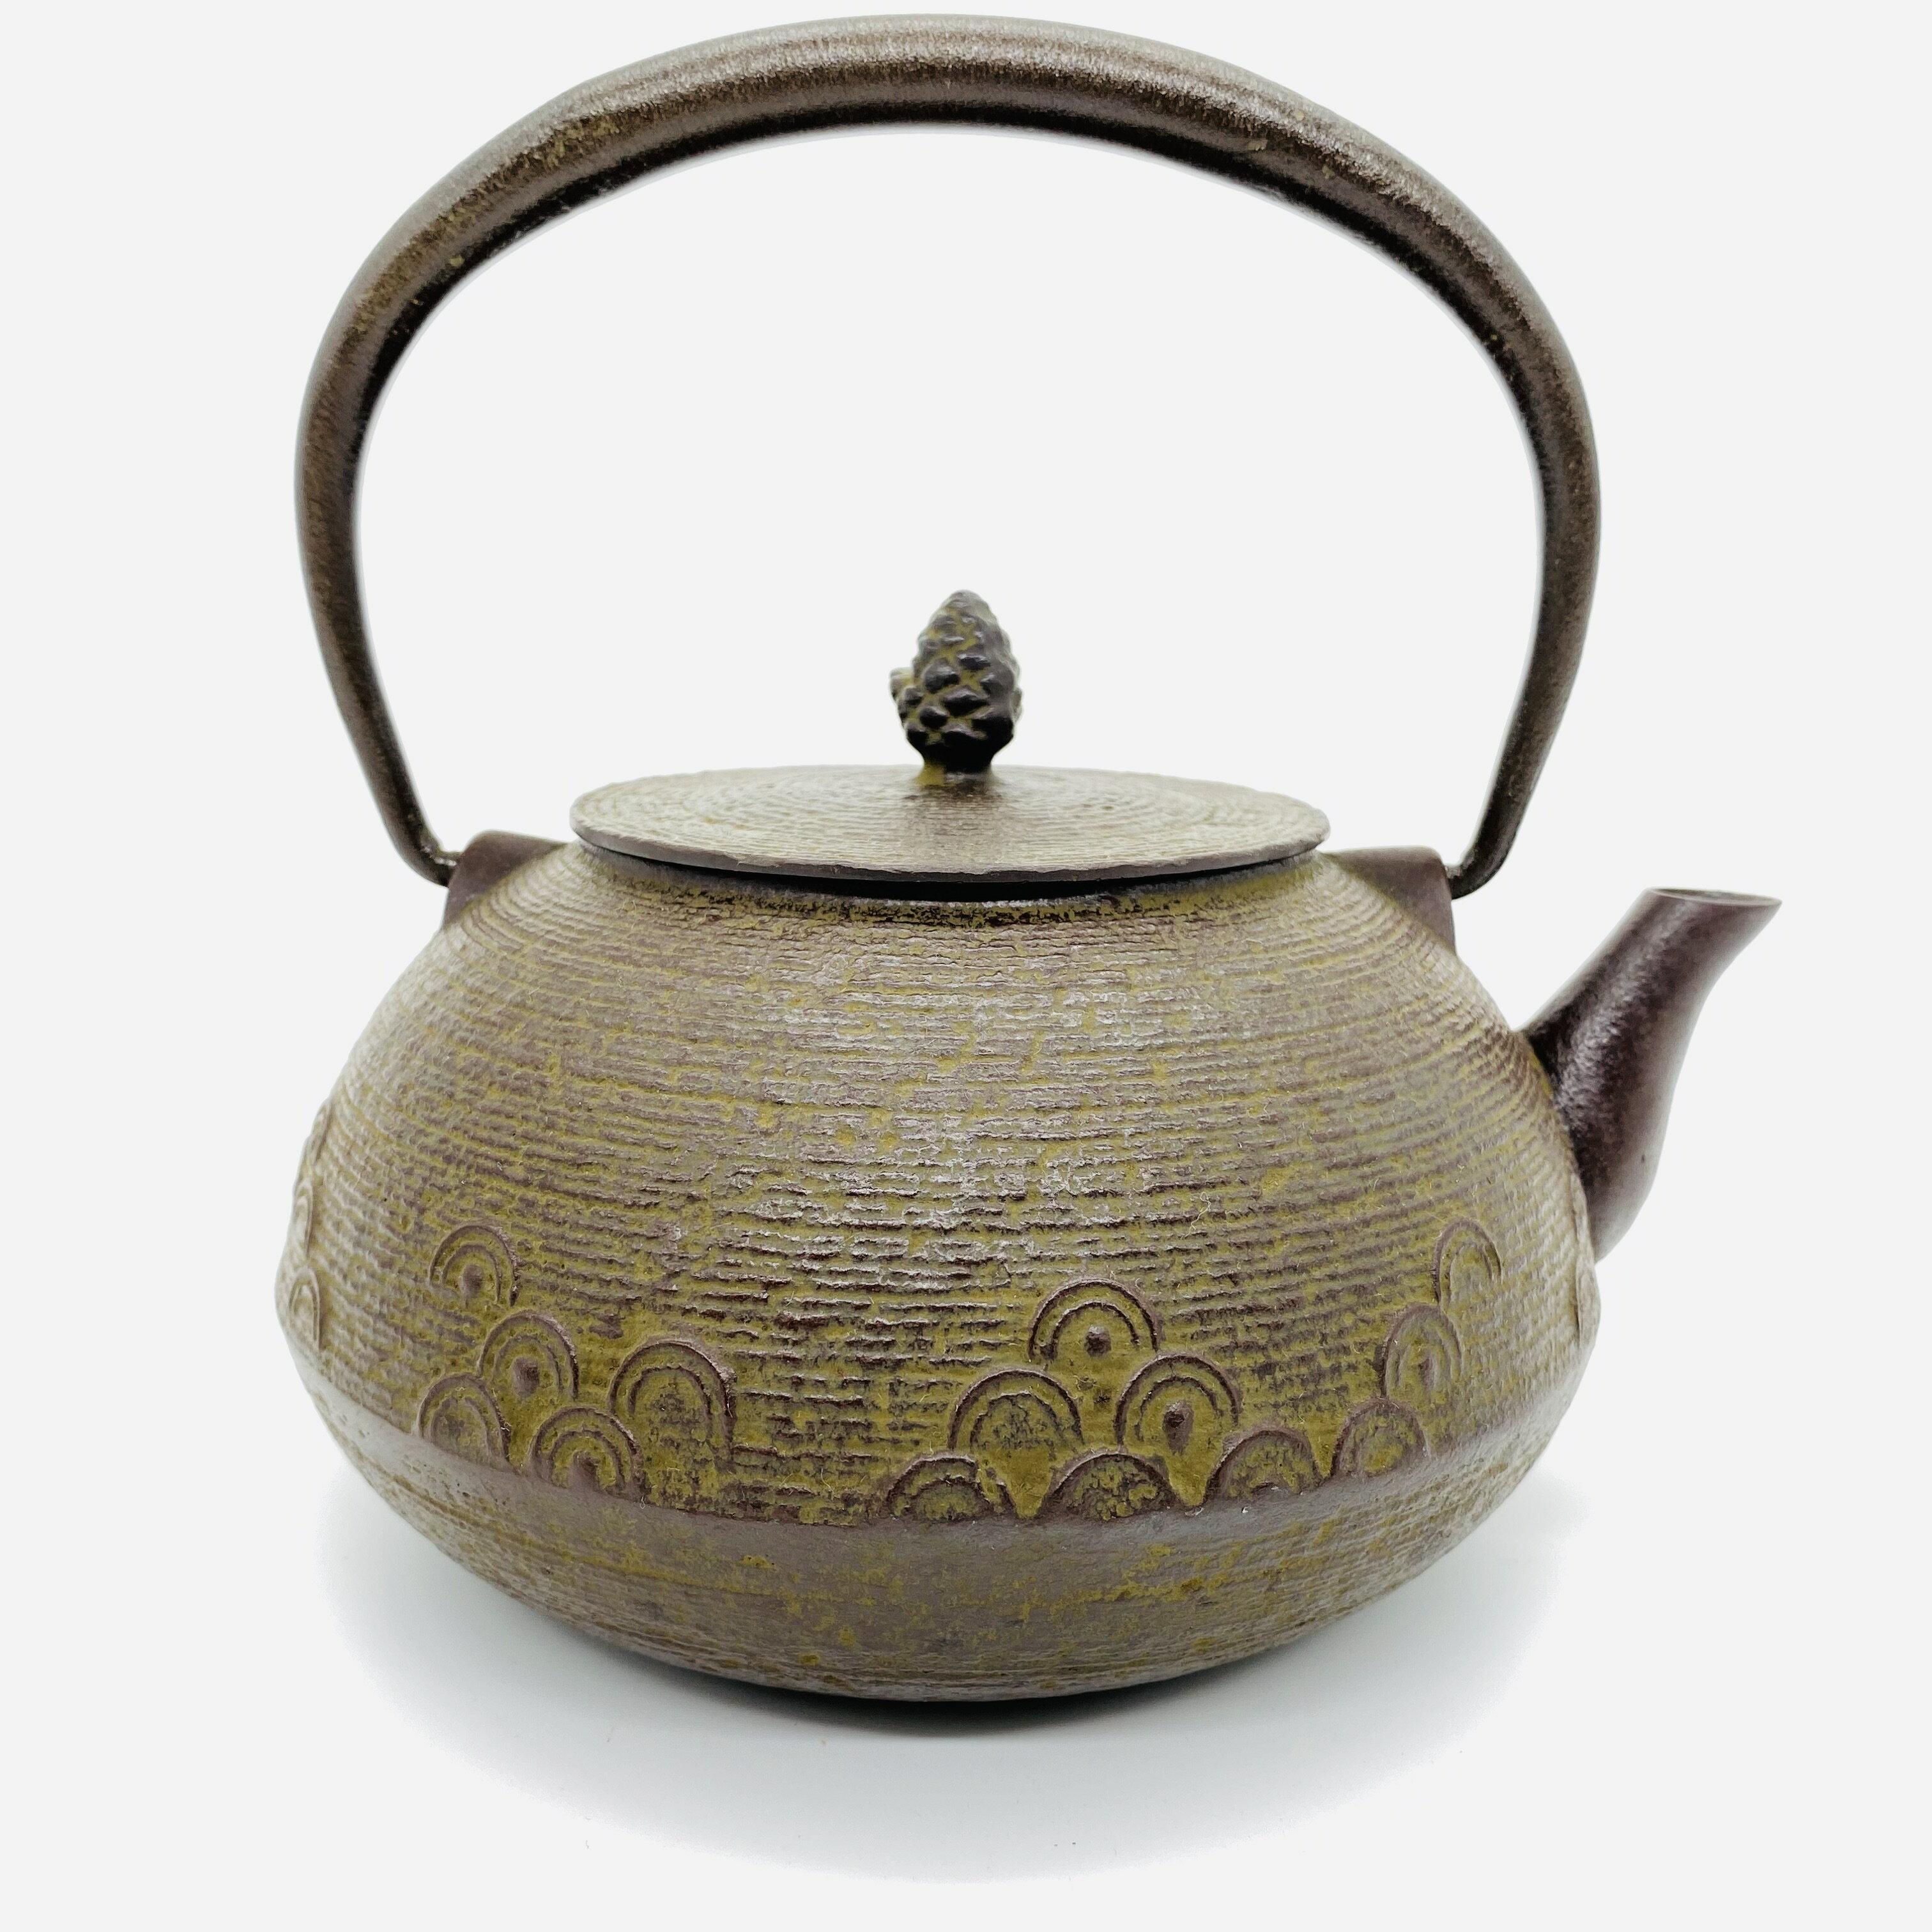 日本 本場南部鐵器-【佐藤勝久 平丸型 系目波紋 1.2L】鐵壺 鉄瓶 煮水 泡茶 只有1個 4